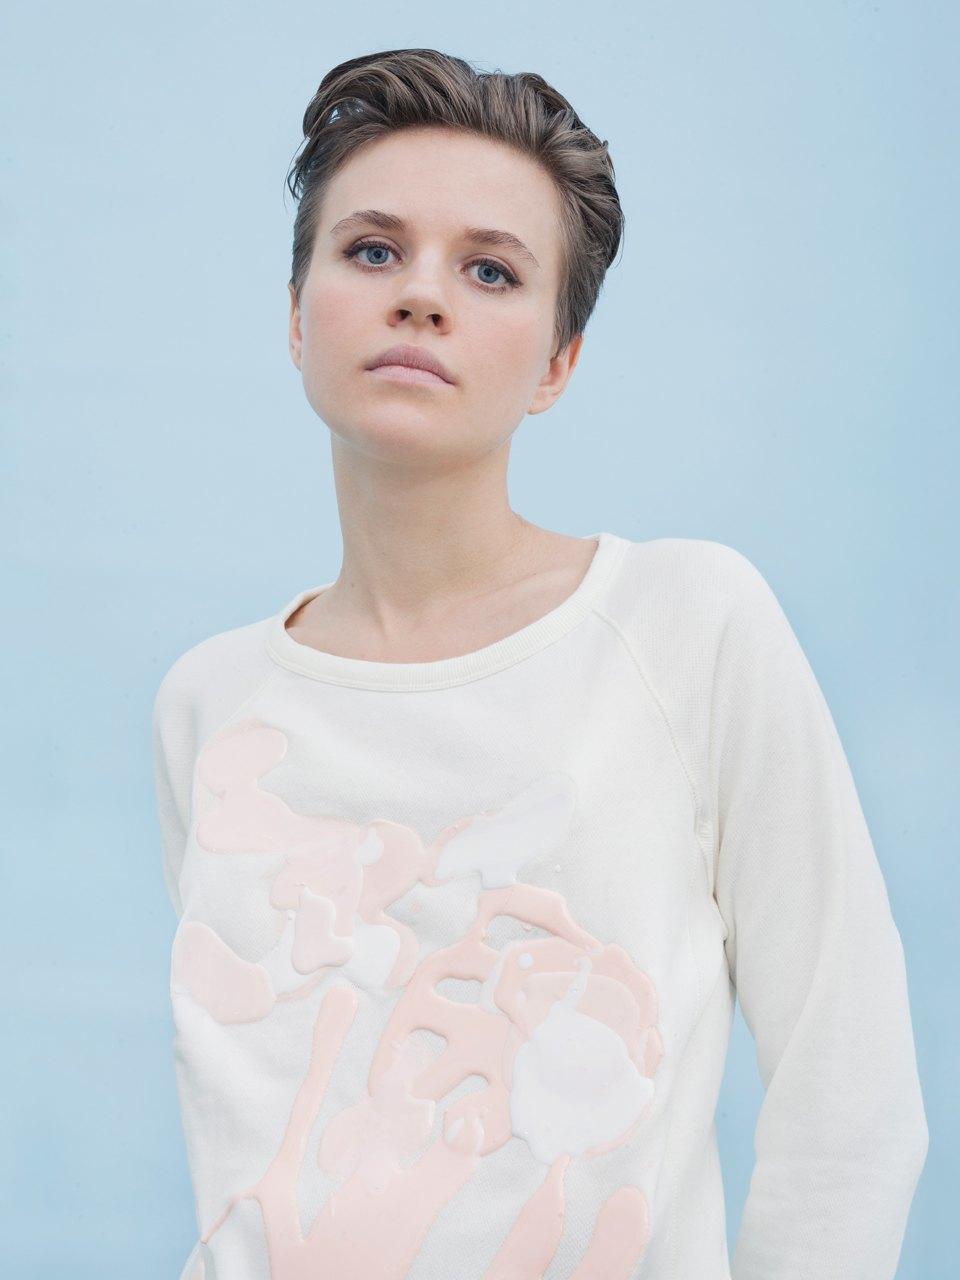 Трансформация банального: молодые художники переосмысляют одежду. Изображение № 4.